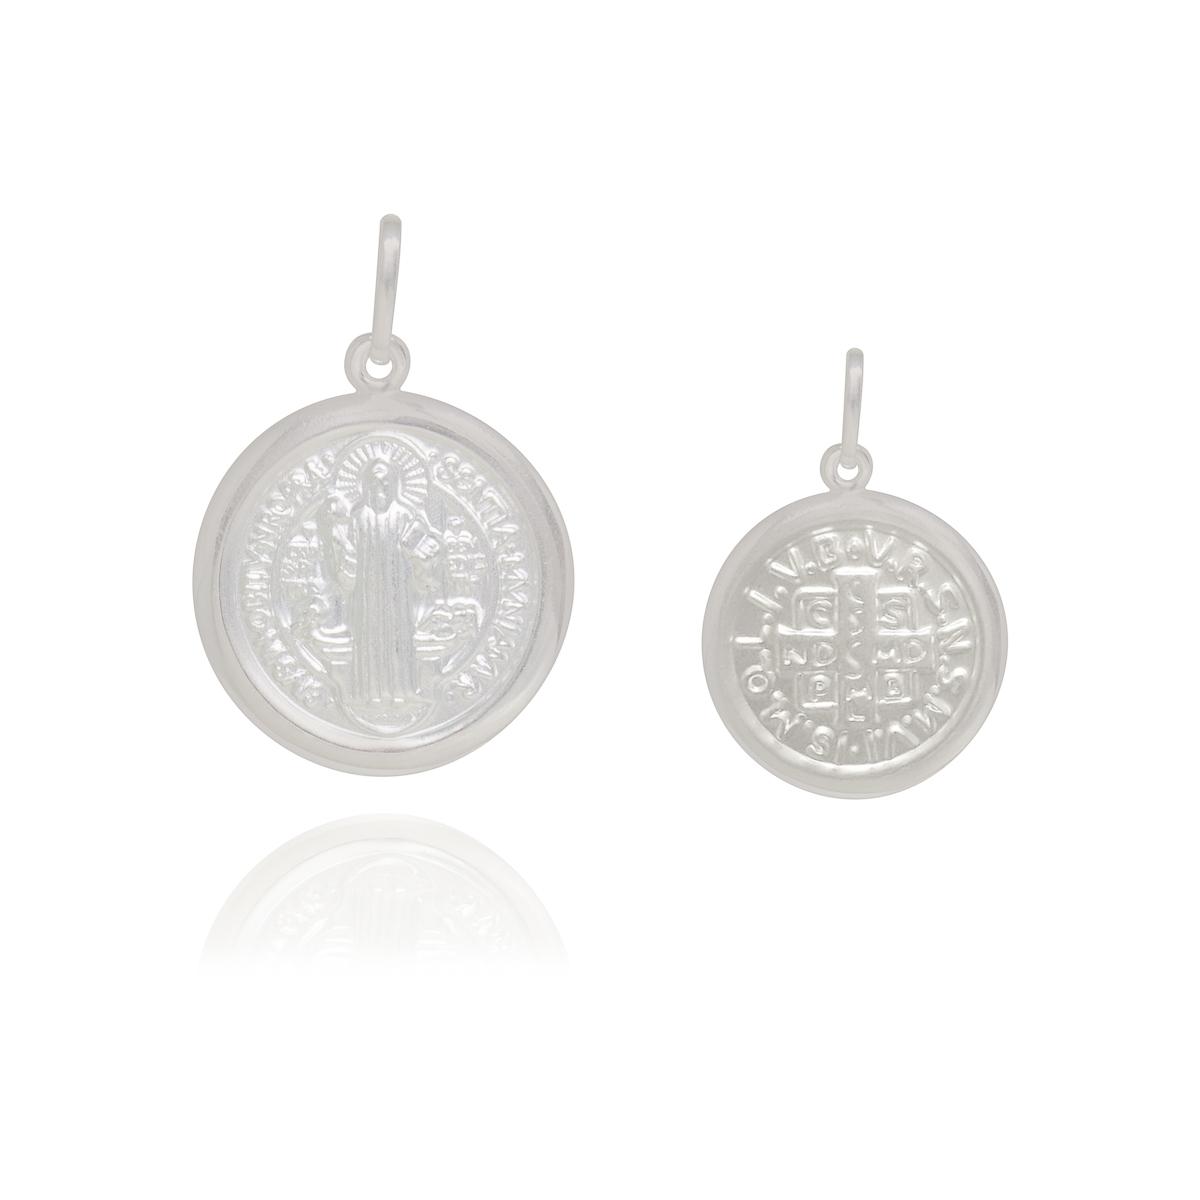 Pingente joia em prata 925 pura São Bento GG hipoalergênico